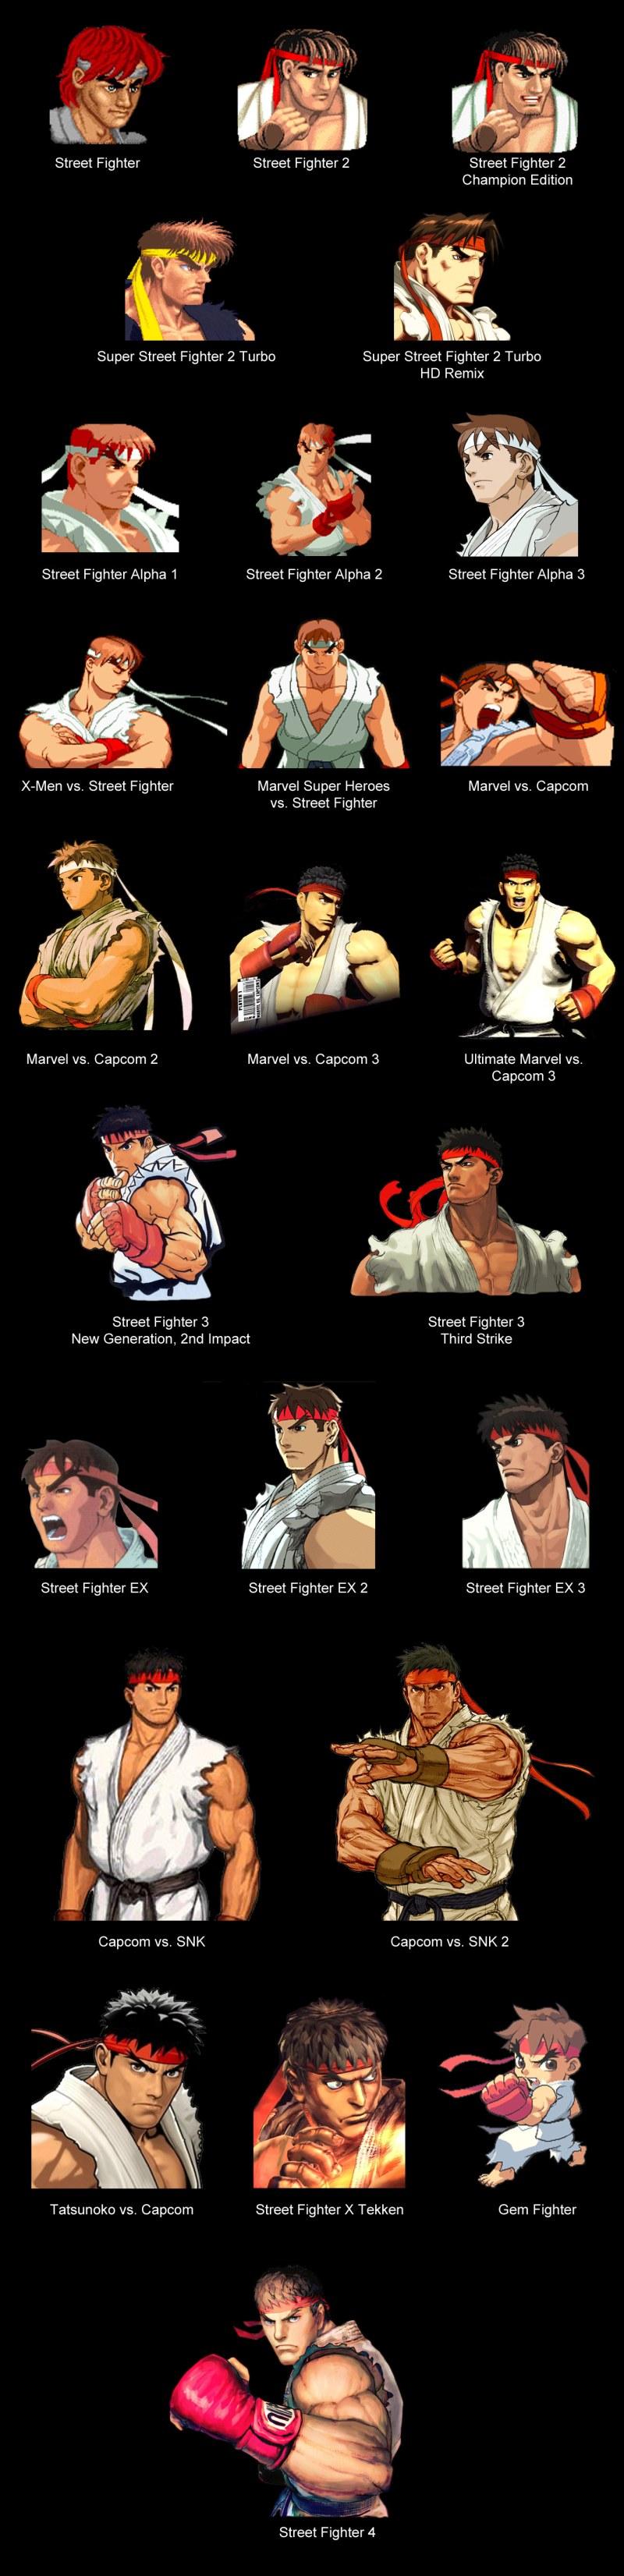 La evolución de RYU (Street Fighter) en una imagen - ryu22